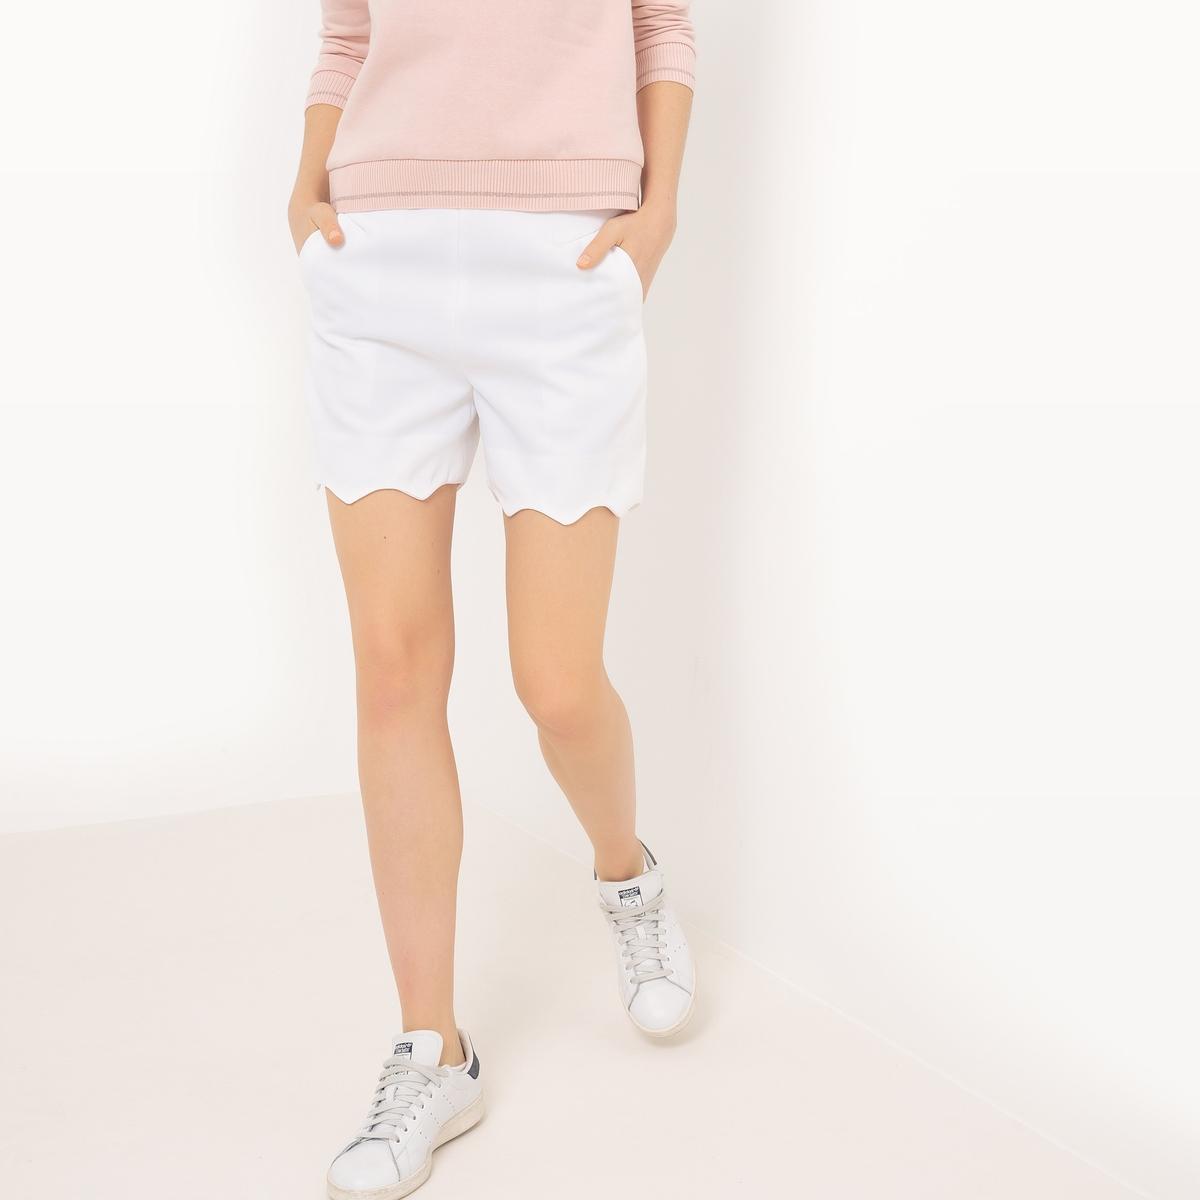 Шорты с вырезом и фестоном - MADEMOISELLE RНевероятно женственные роскошные шорты  Mademoiselle R с красивым вырезом снизу . Состав и описаниеМатериал :  100% полиэстерДетали : фестон Марка : Mademoiselle R.Длина : длина по внутр.шву 37 см Стирка : Машинная стирка при 30 °C с вещами схожих цветовУход : не отбеливать Машинная сушка : запрещенаГлажка : Гладить на низкой температуре<br><br>Цвет: белый,черный<br>Размер: 34 (FR) - 40 (RUS).38 (FR) - 44 (RUS).36 (FR) - 42 (RUS).38 (FR) - 44 (RUS)